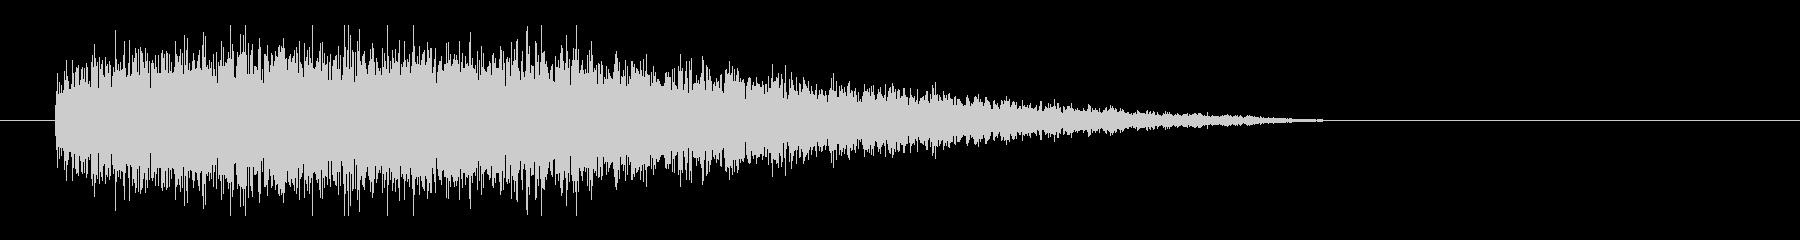 レーザー音-77-3の未再生の波形